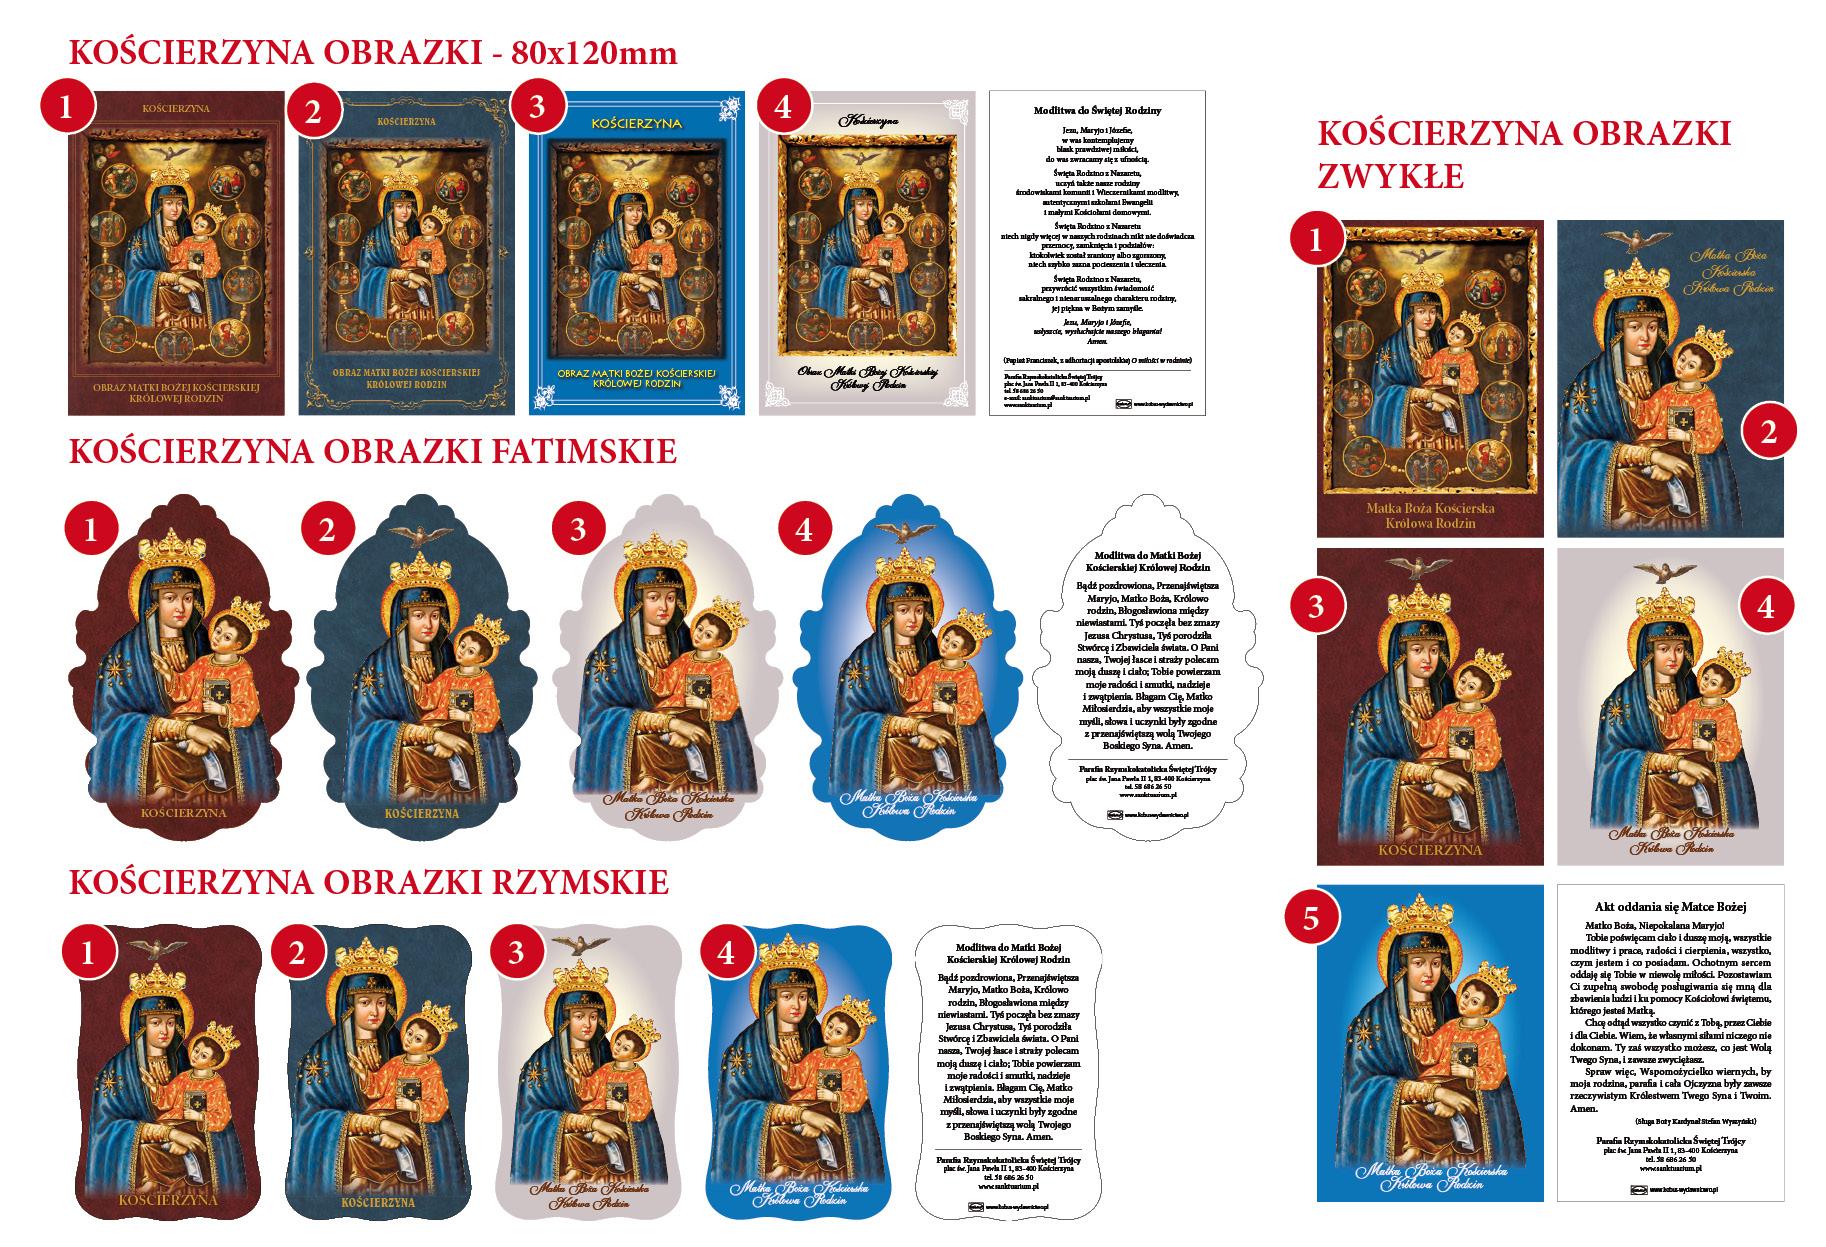 Kościerzyna-obrazki